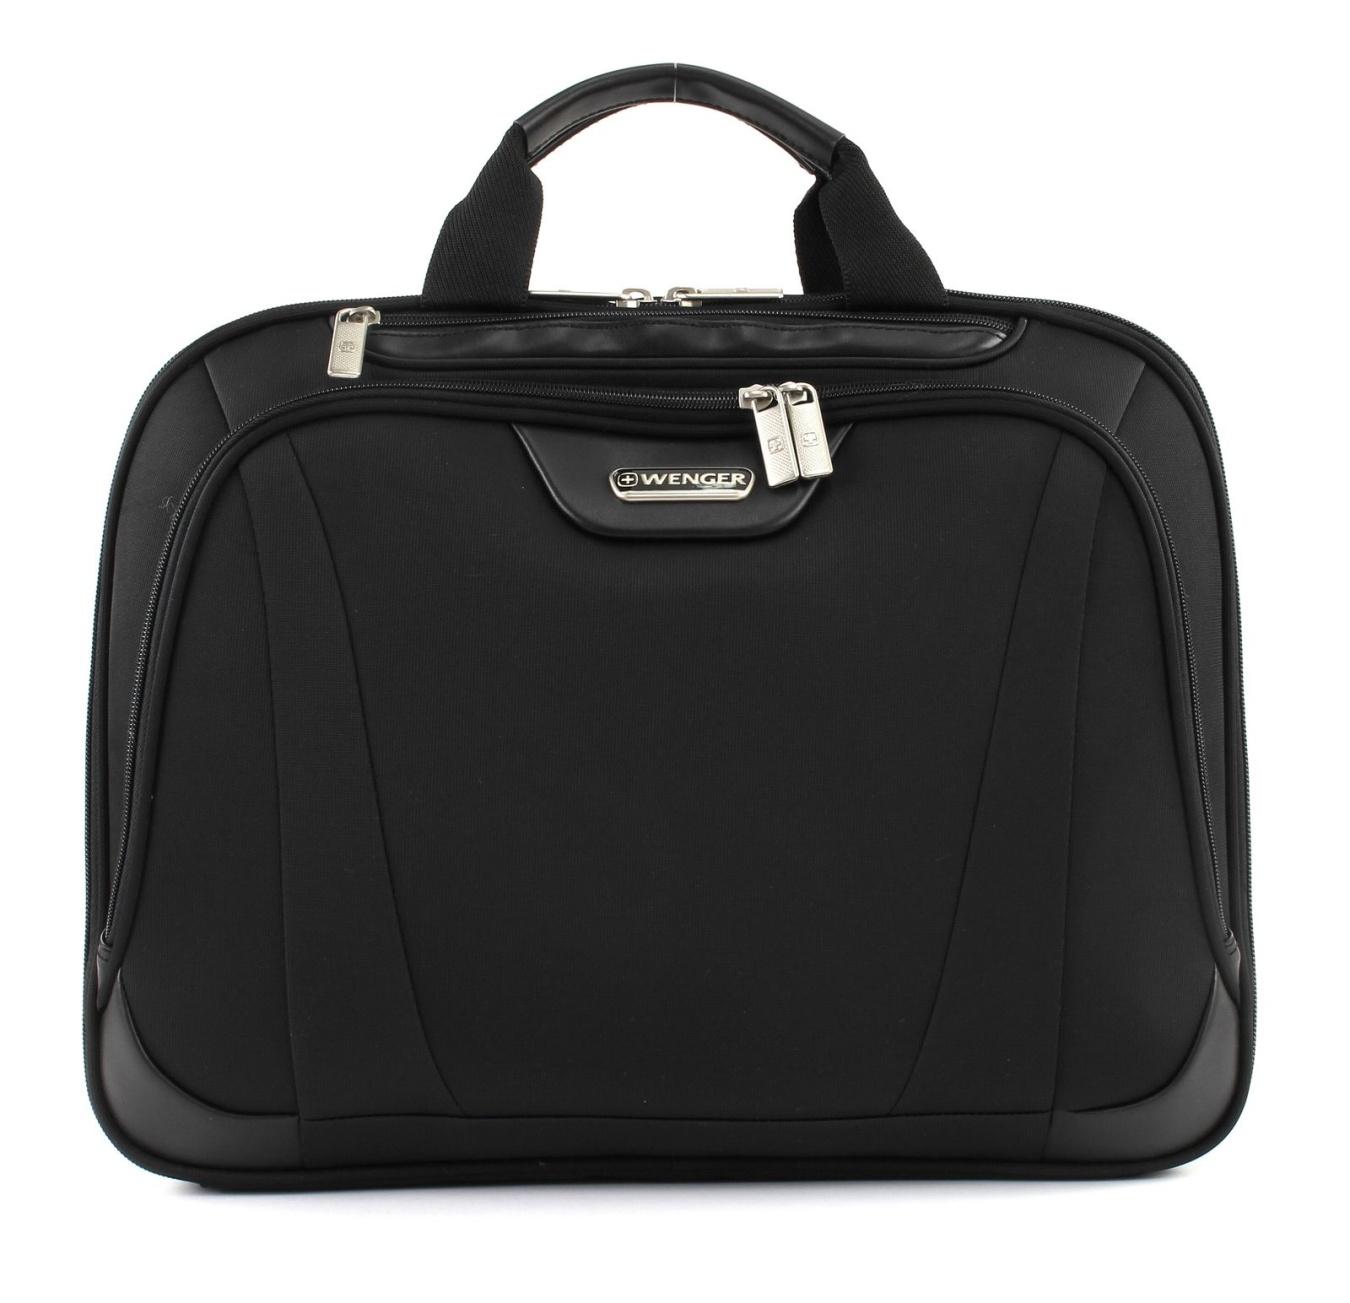 Taška na notebook Wenger Deluxe 17 WG72992217 14 L černá